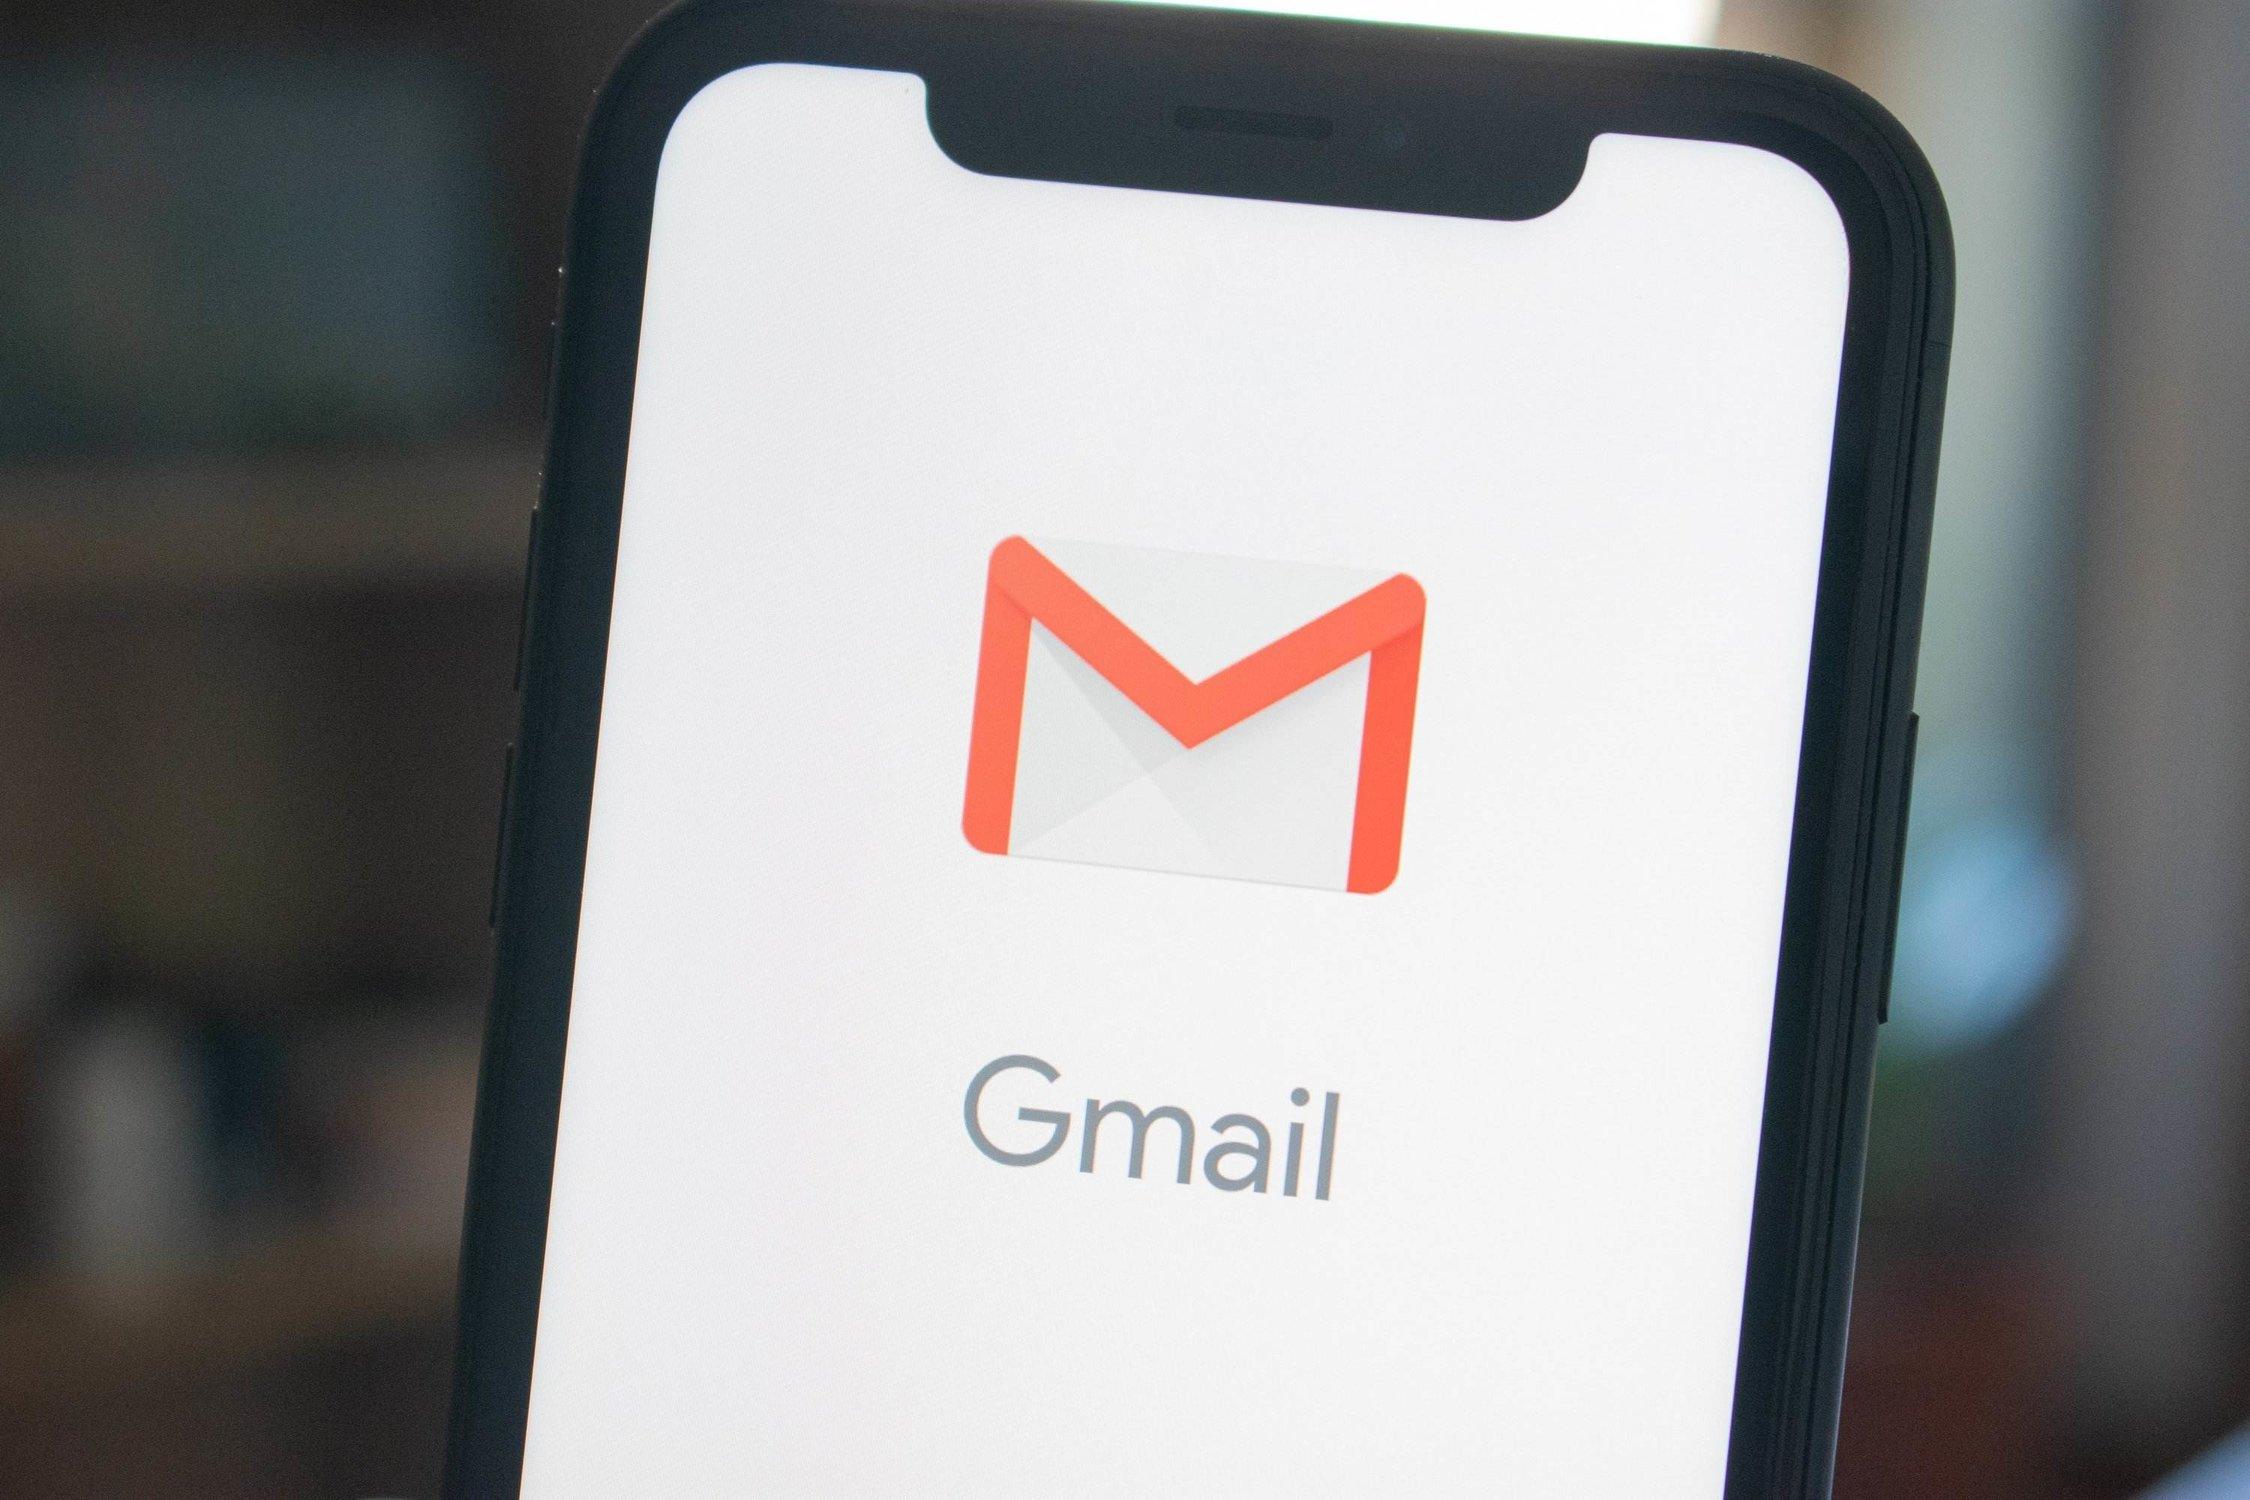 Gmail App ist auf dem Handy geöffnet und stellt das Newsletter Marketing eines Hotels dar.